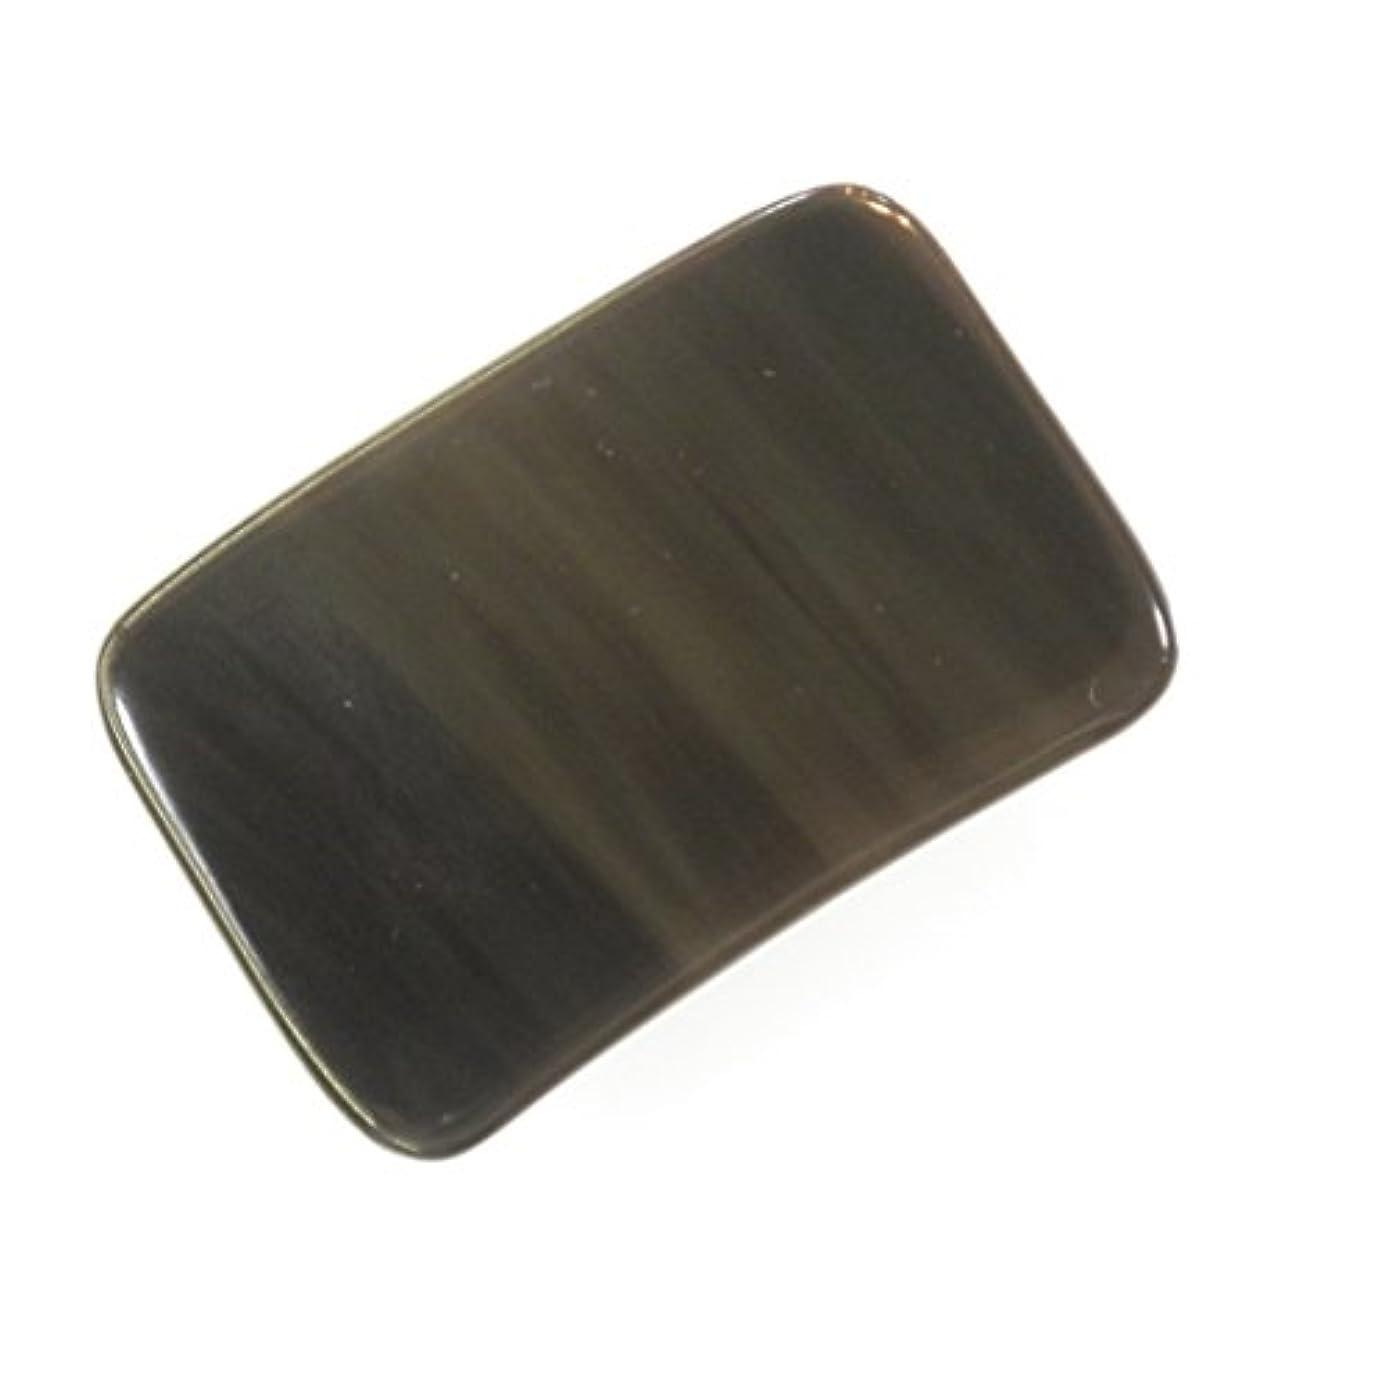 優越昼食拍手するかっさ プレート 厚さが選べる 水牛の角(黒水牛角) EHE214 長方形小 一般品 少し厚め(7ミリ程度)